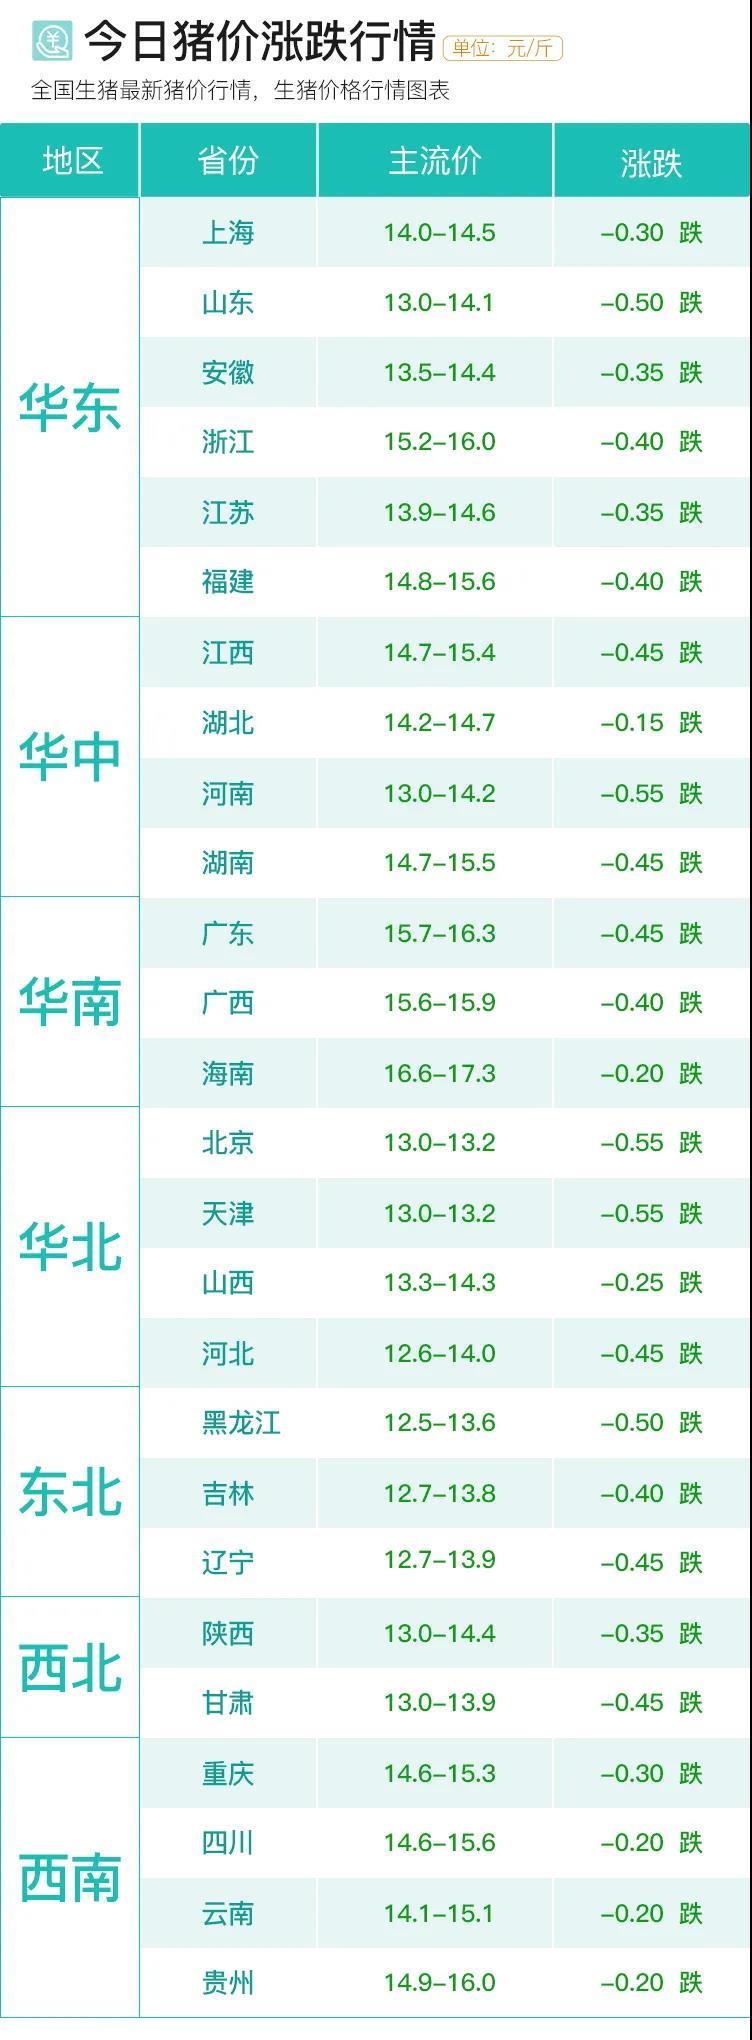 2月22日 猪价跌势不止,仔猪价格为何不断上涨?